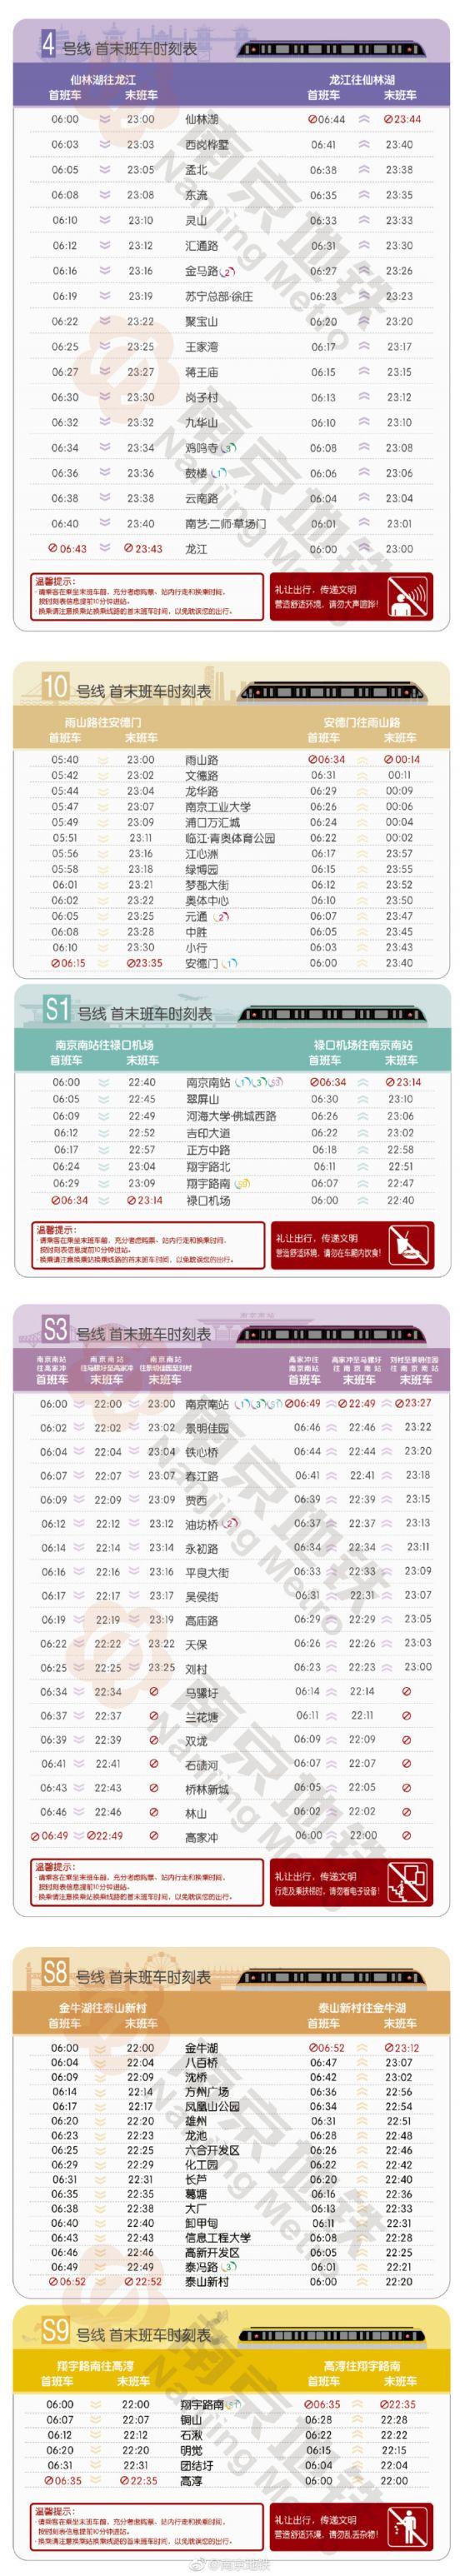 2018南京地铁首末班时间一览表